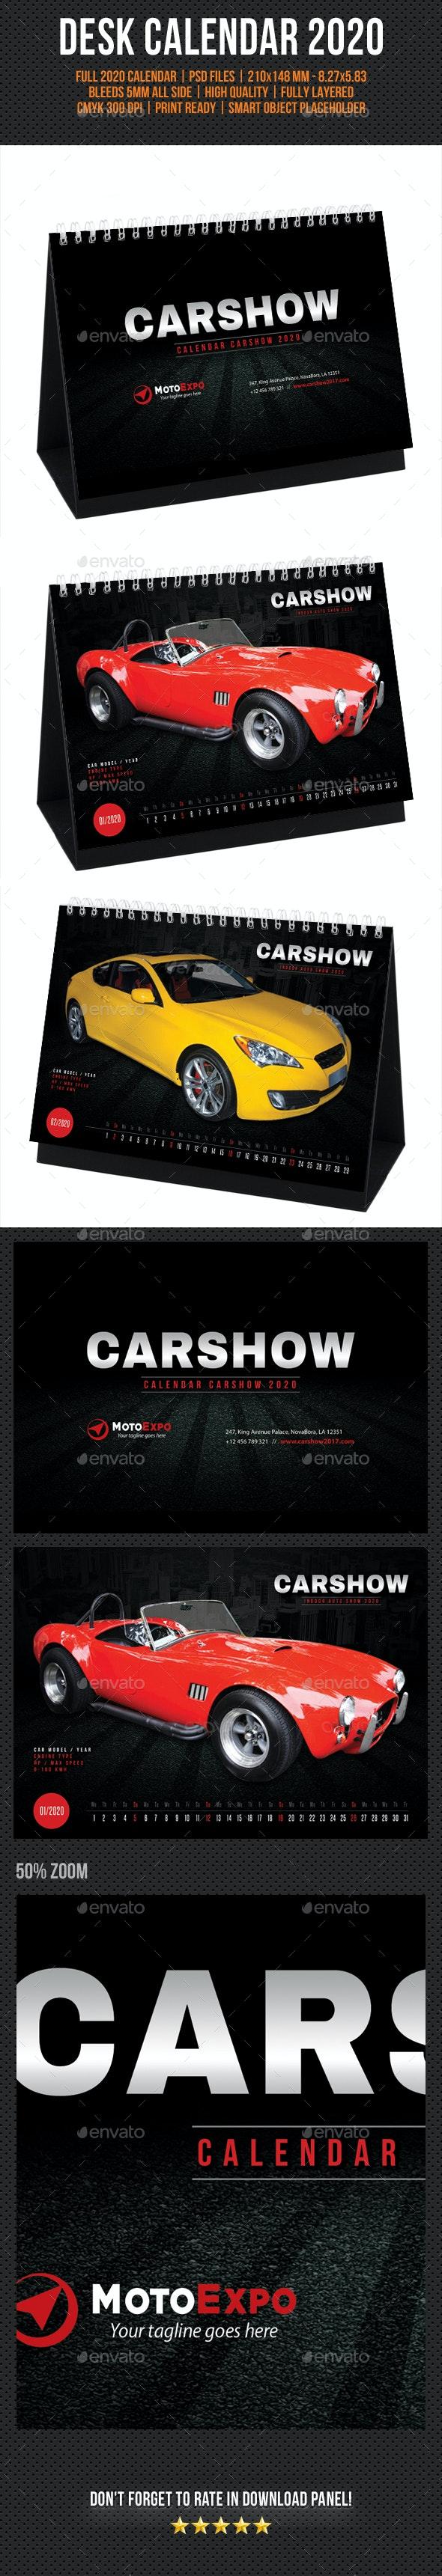 2020 Auto Show Calendar Auto Show Desk Calendar 2020 by rapidgraf | GraphicRiver